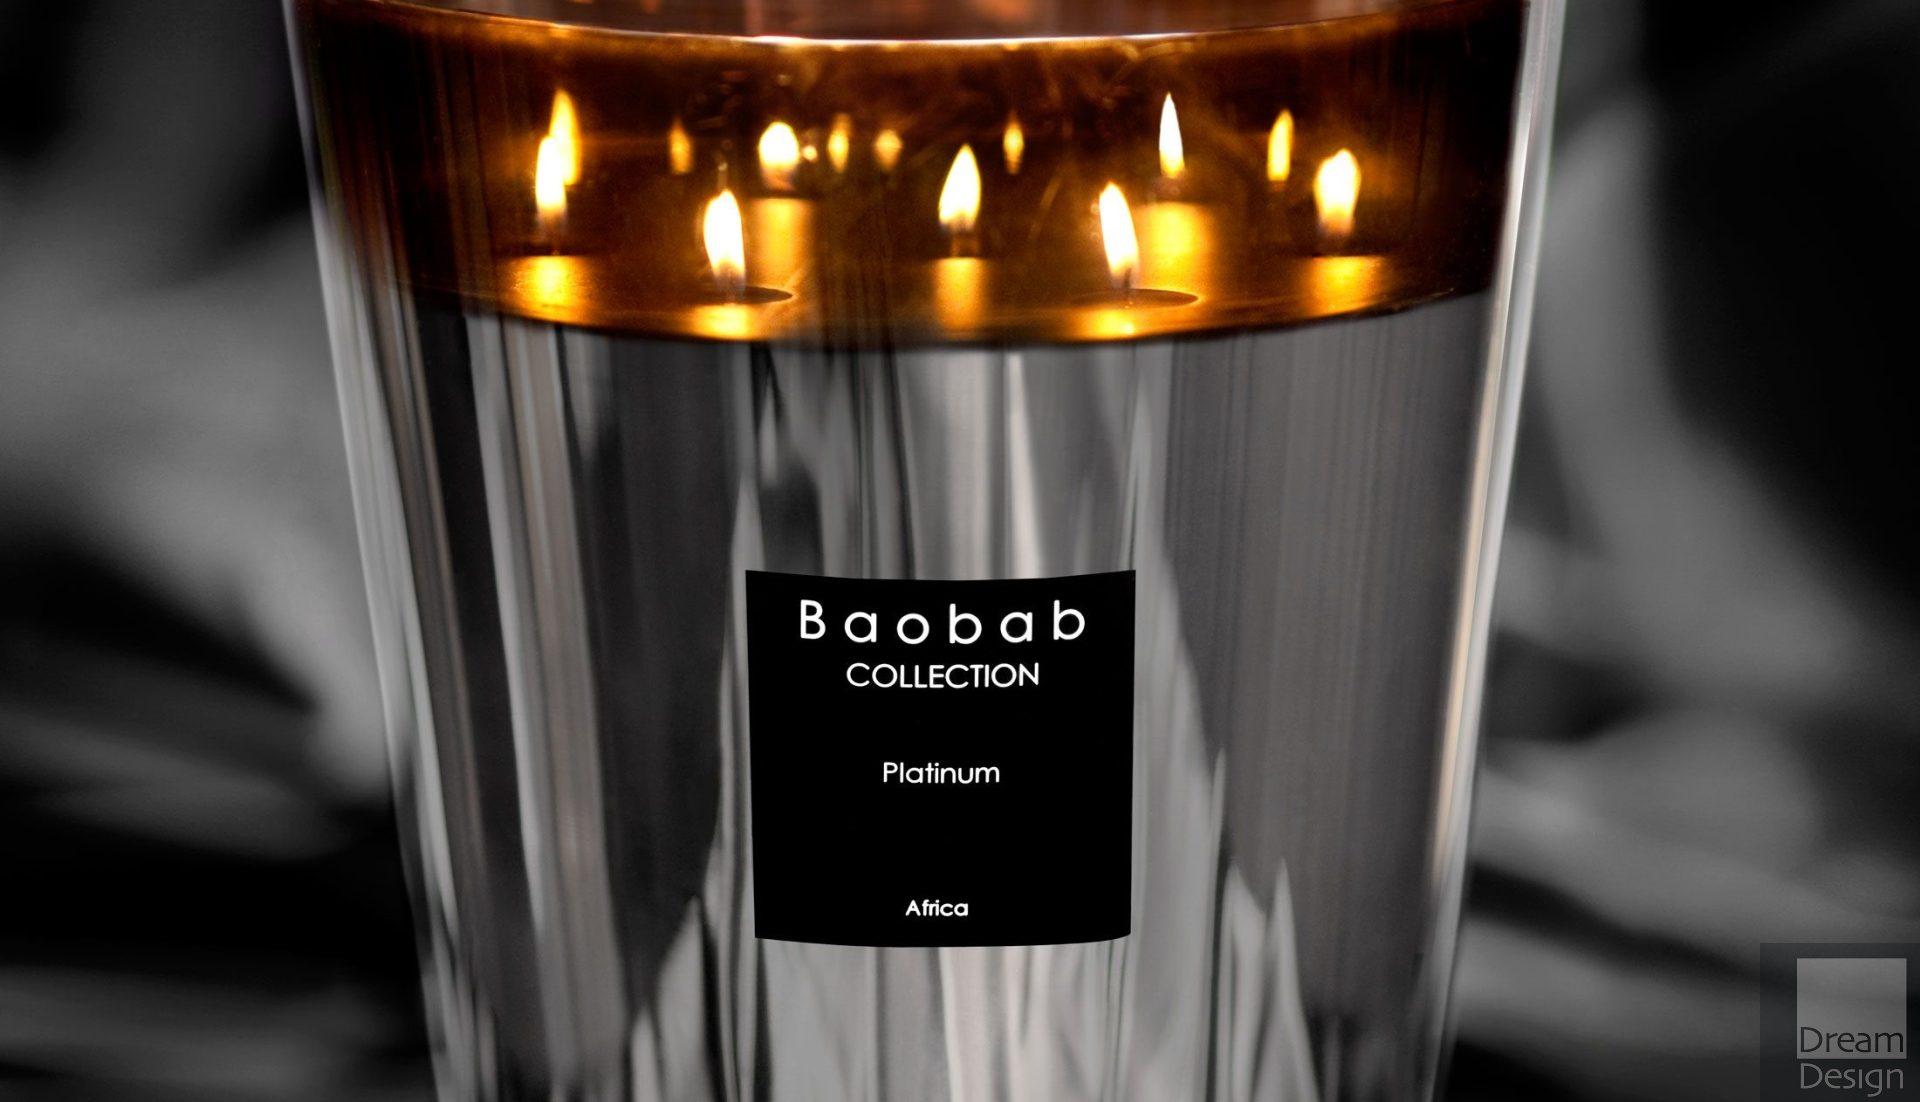 Baobab Platnium Scented Candle